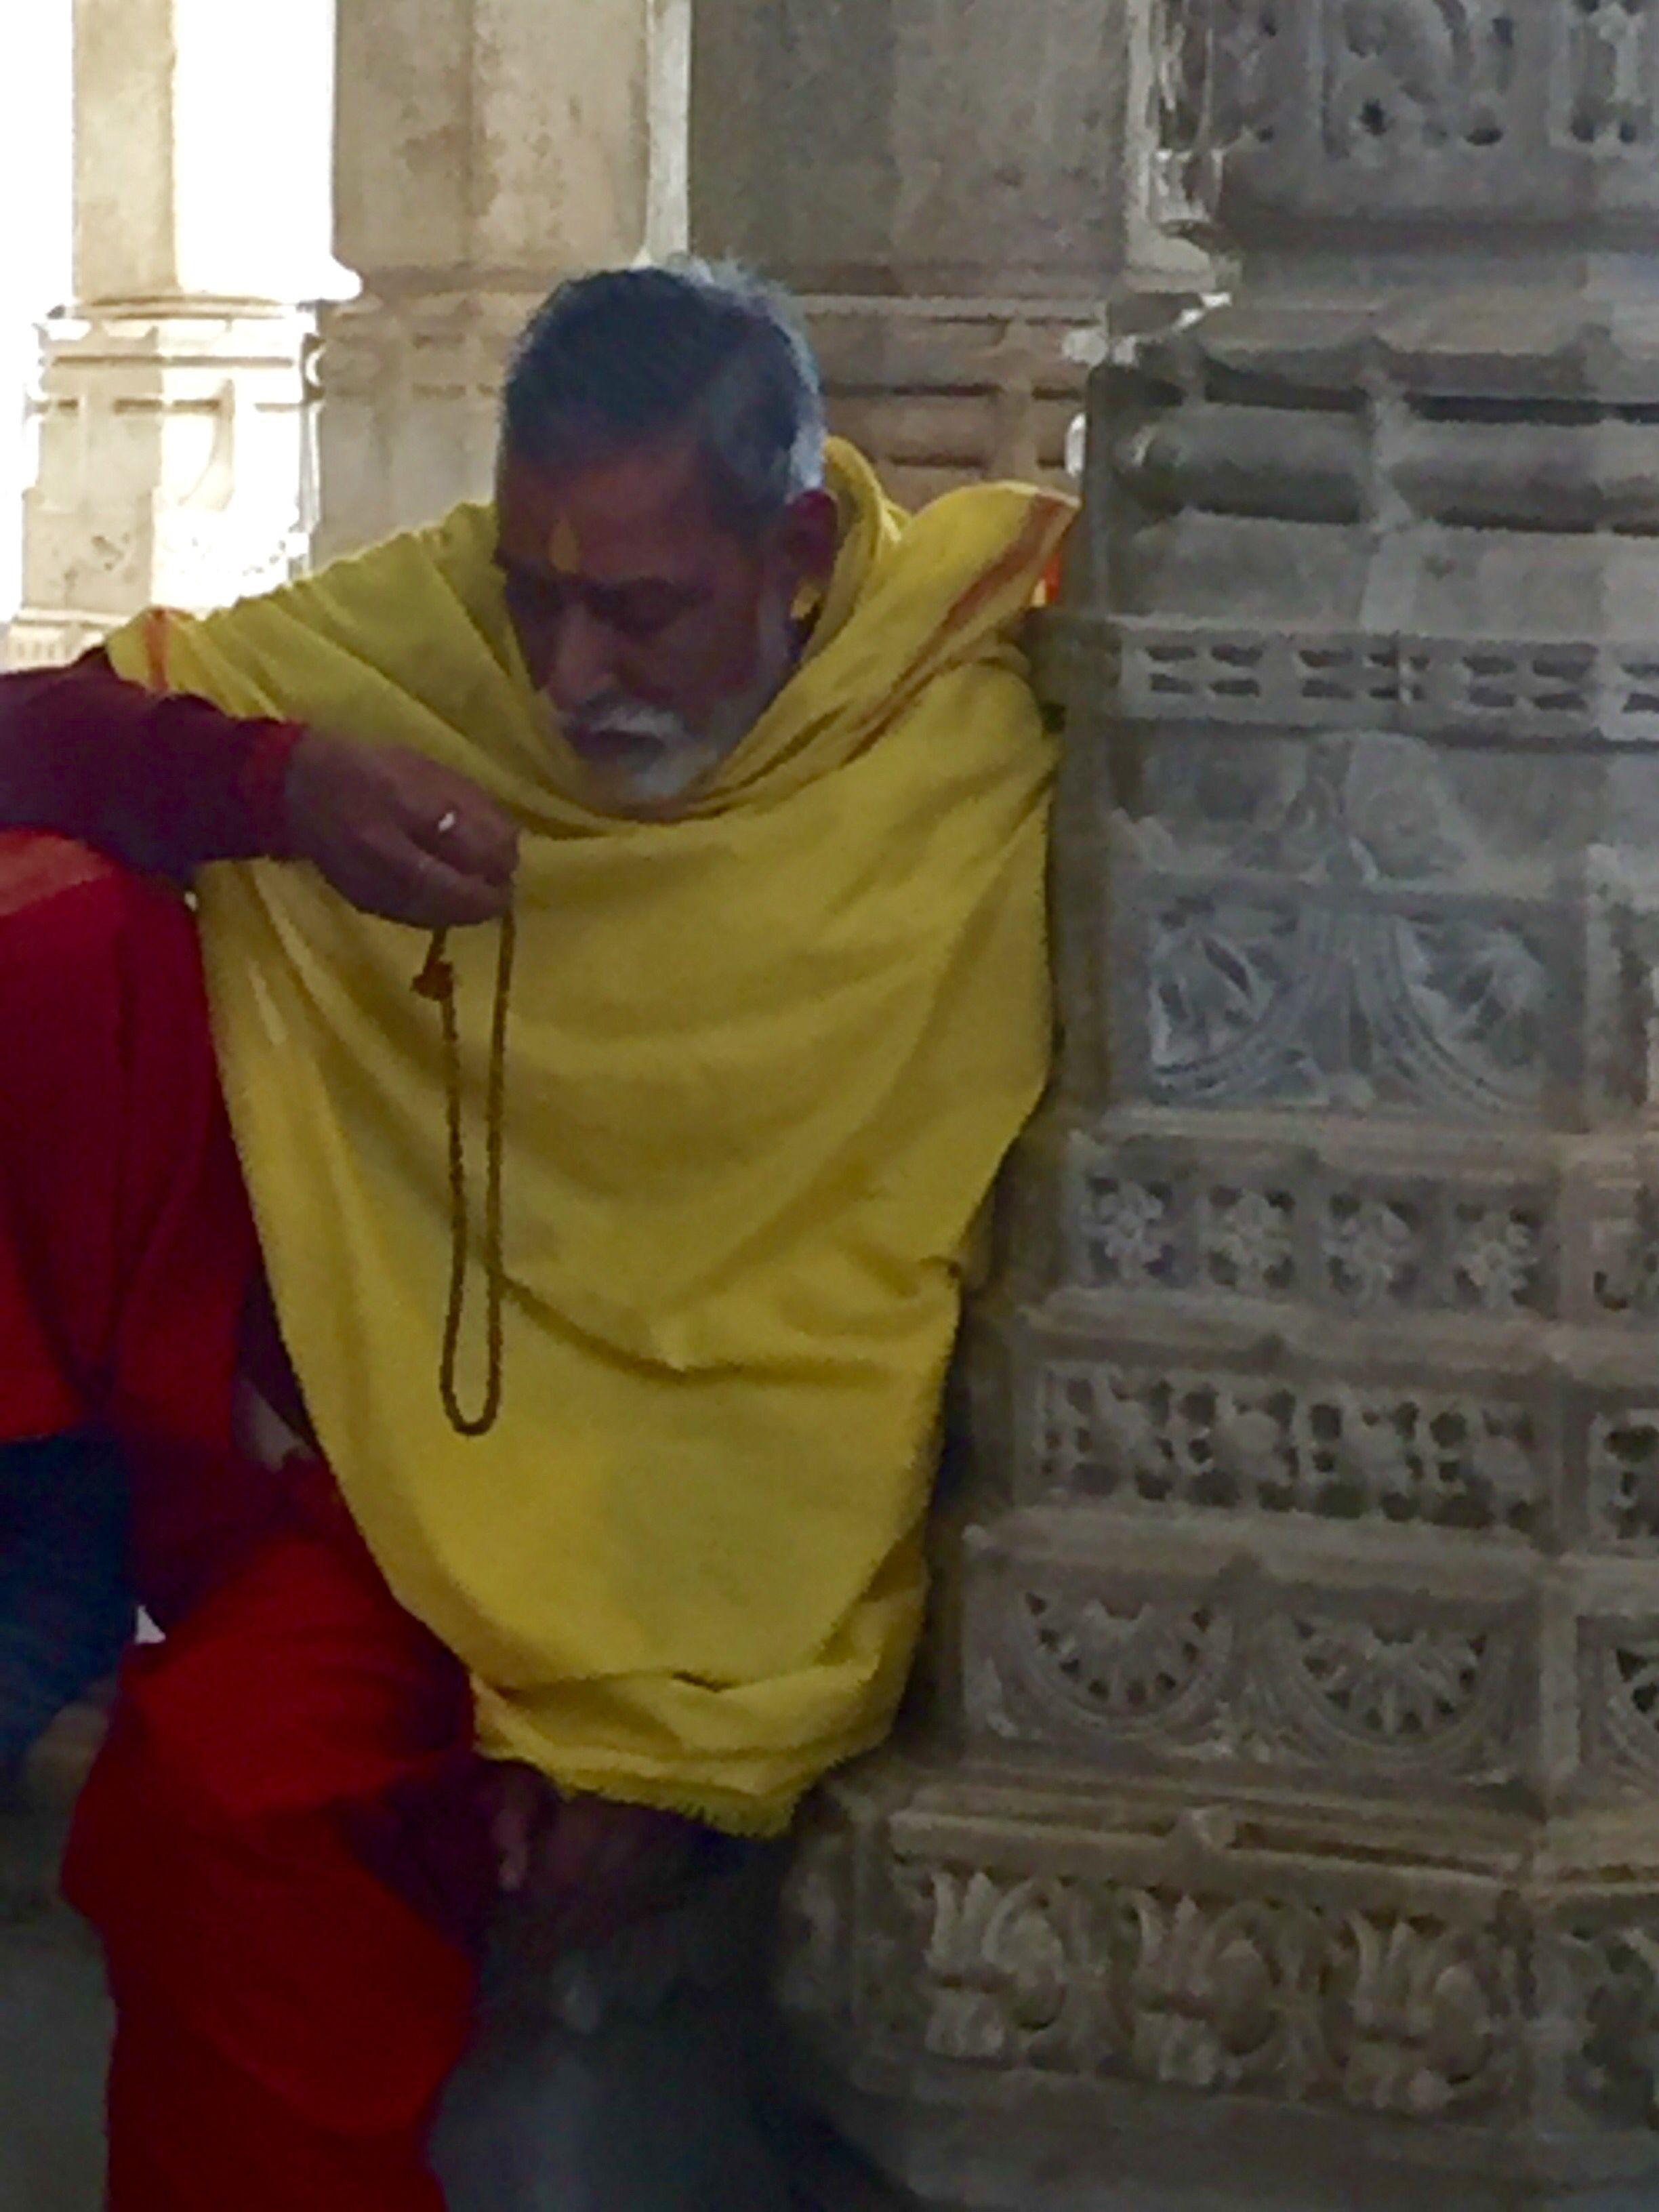 Praying 🙏🏻 #strollnaindia #ranakpur